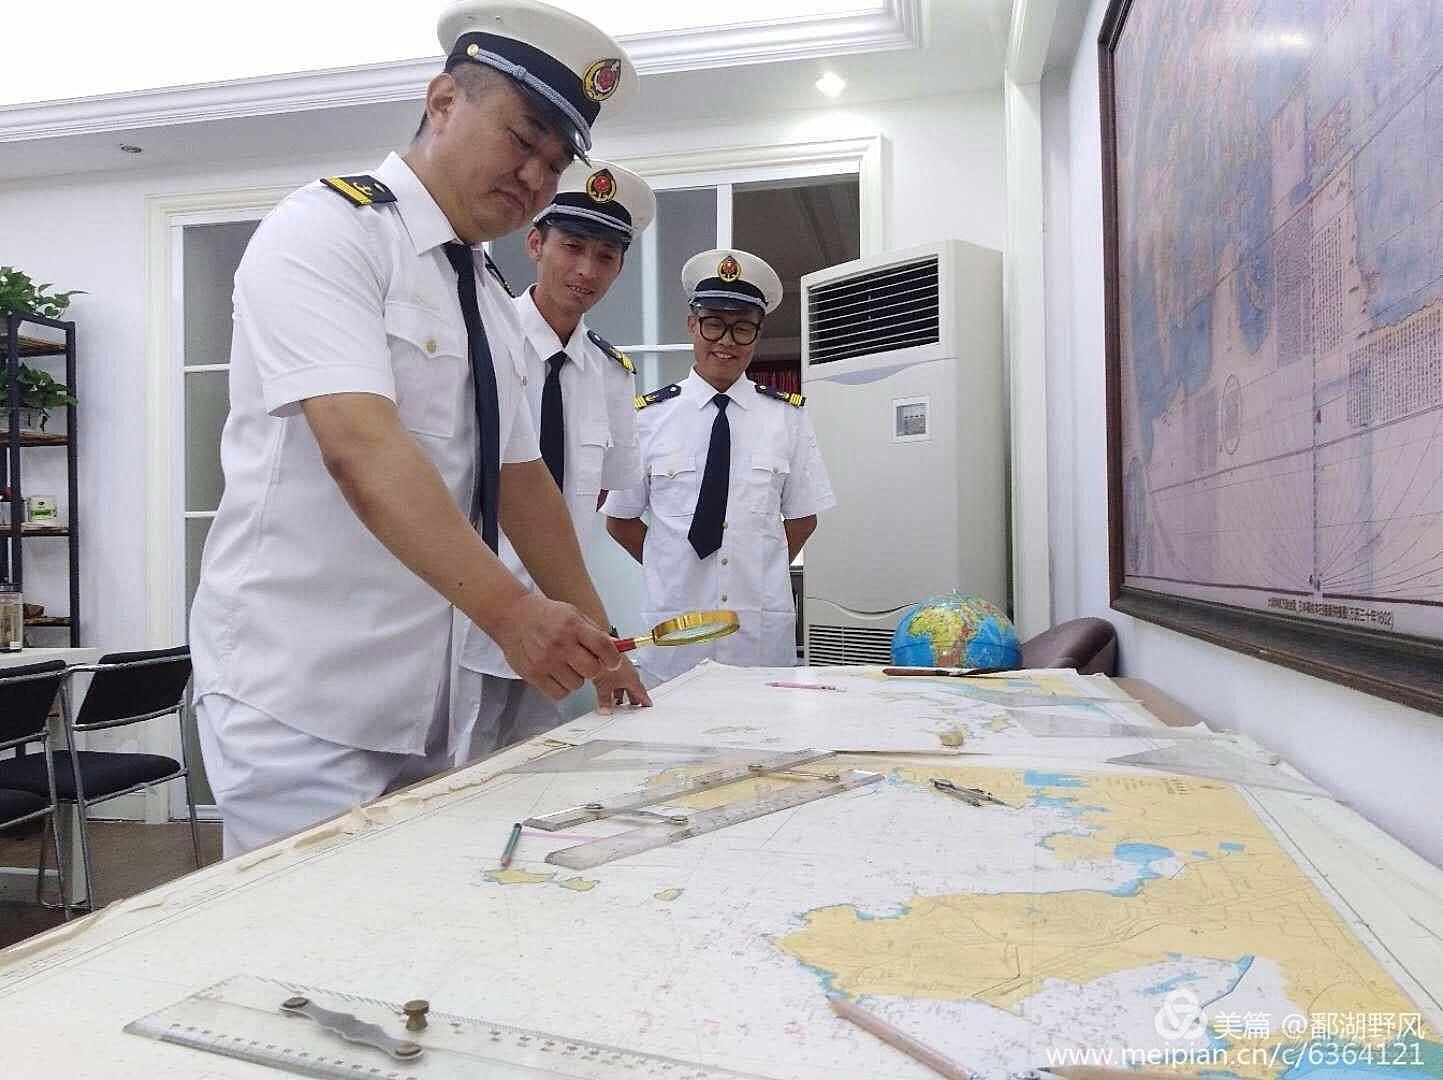 小平岛大连航海家驾校我们共同度过的美好时光